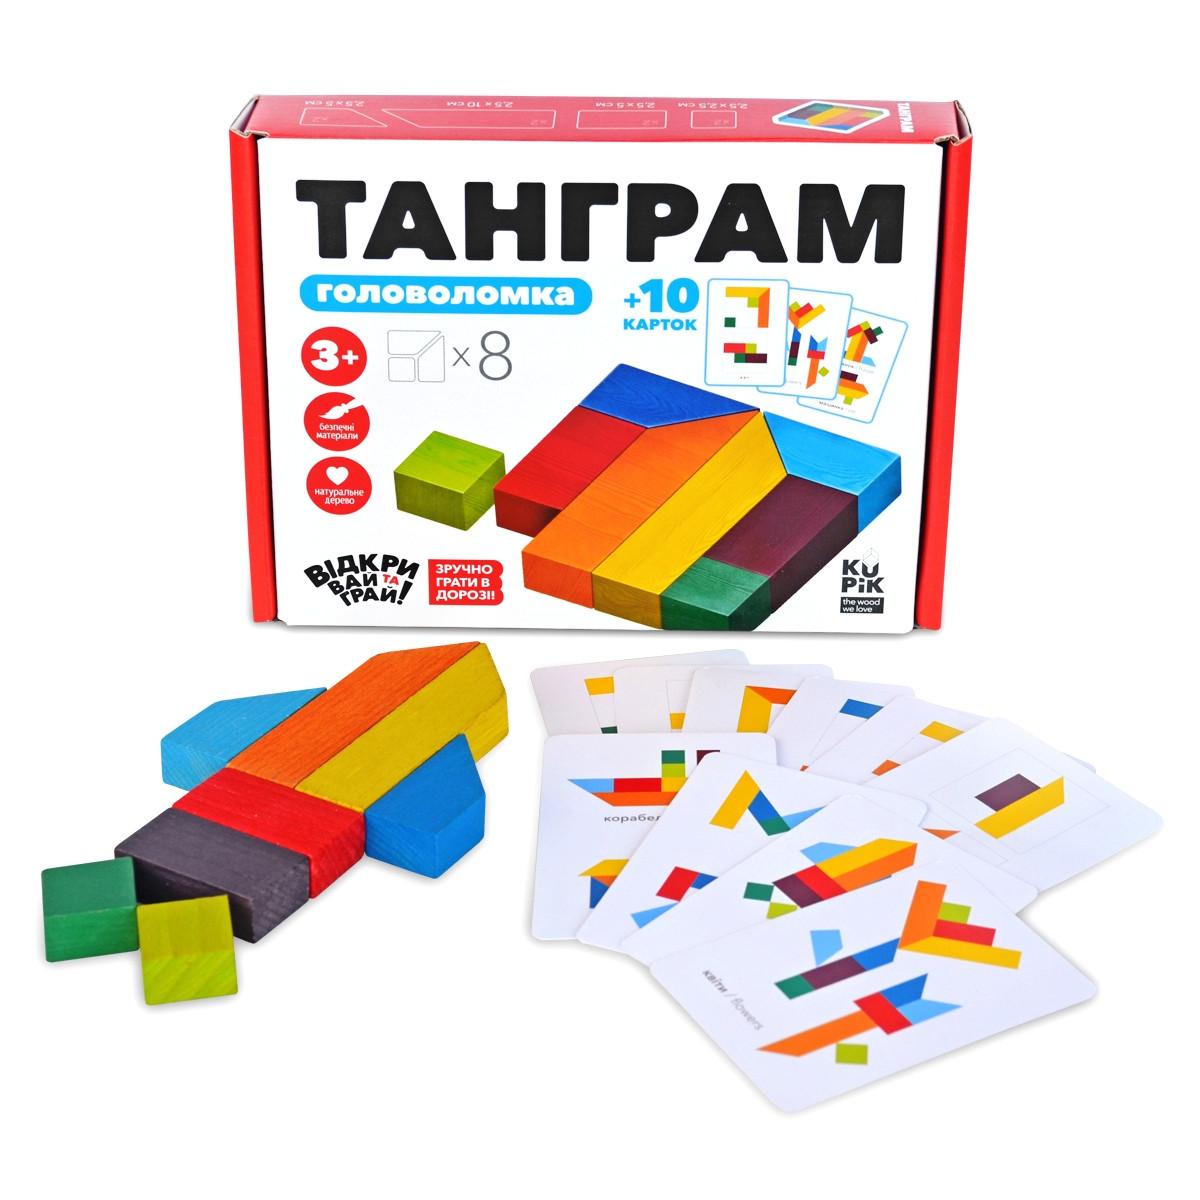 Головоломка ТАНГРАМ 8 элементов + карточки с заданиями